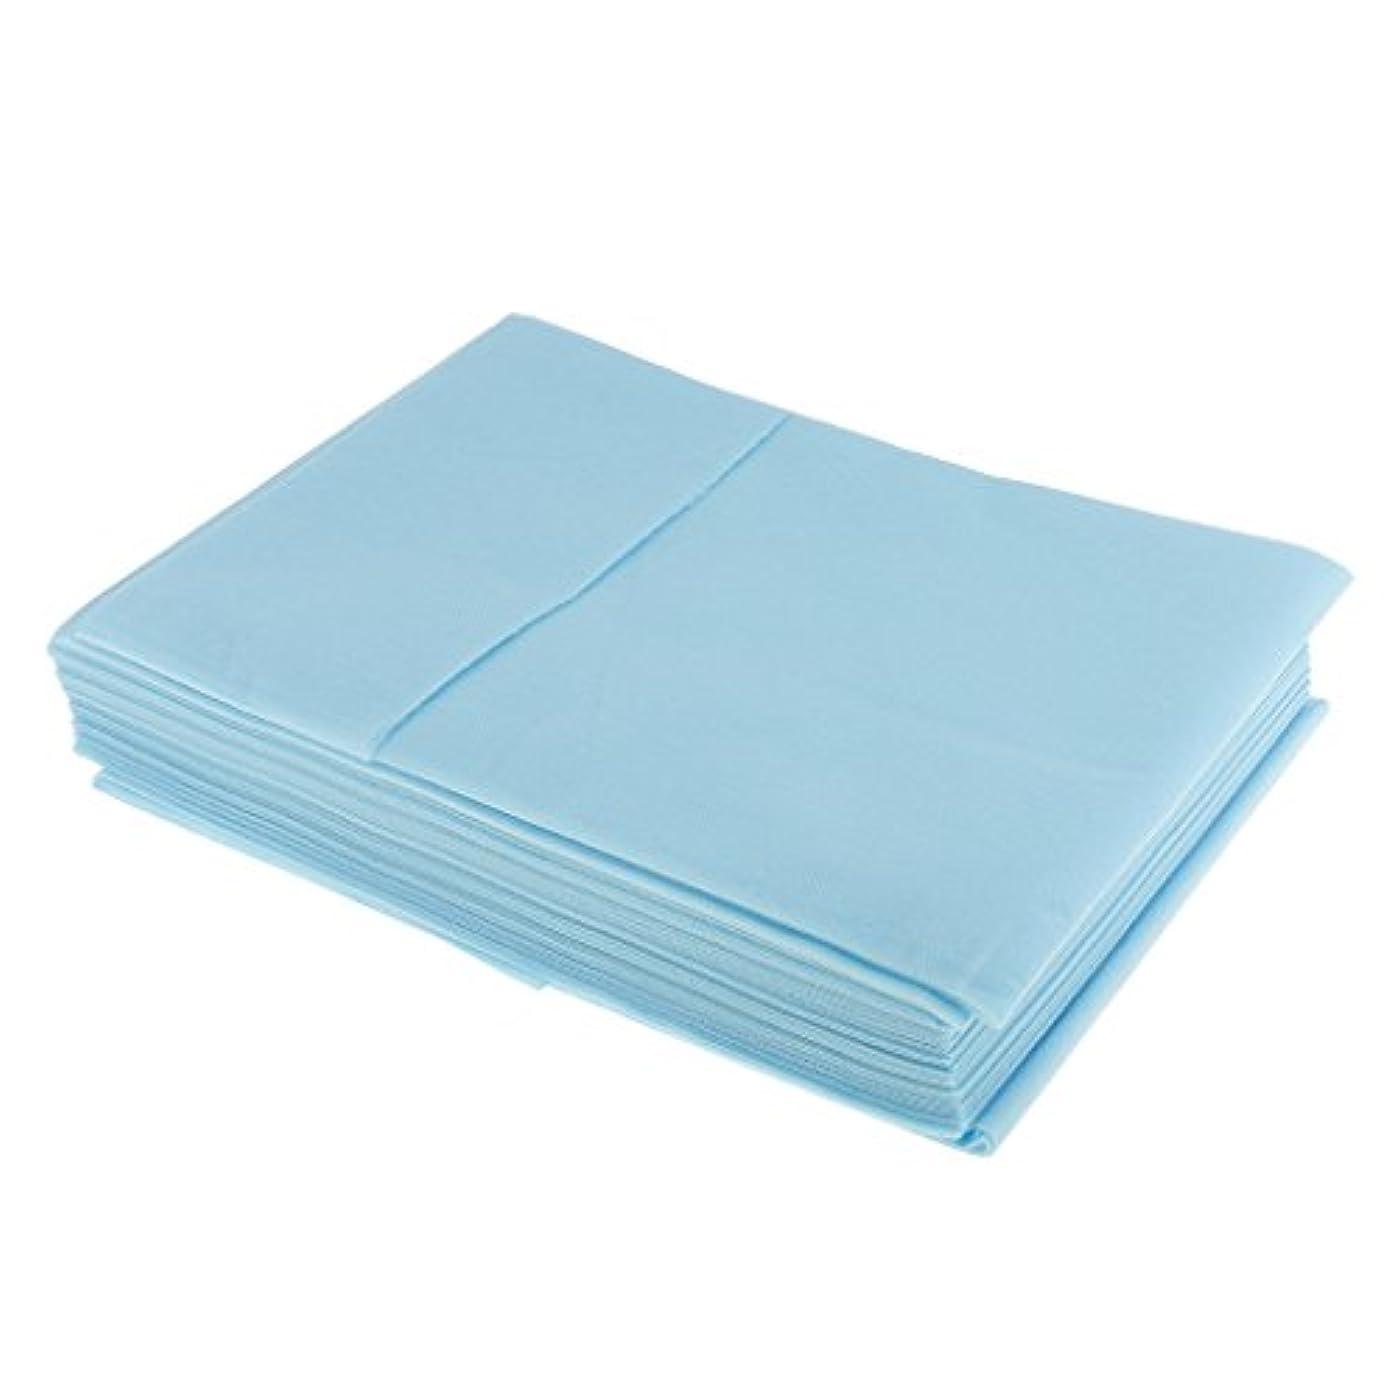 フィドル作曲家魔法10枚入り 使い捨て 美容室/マッサージ/サロン/ホテル ベッドパッド 旅行用 衛生シート 全3色選べ - 青